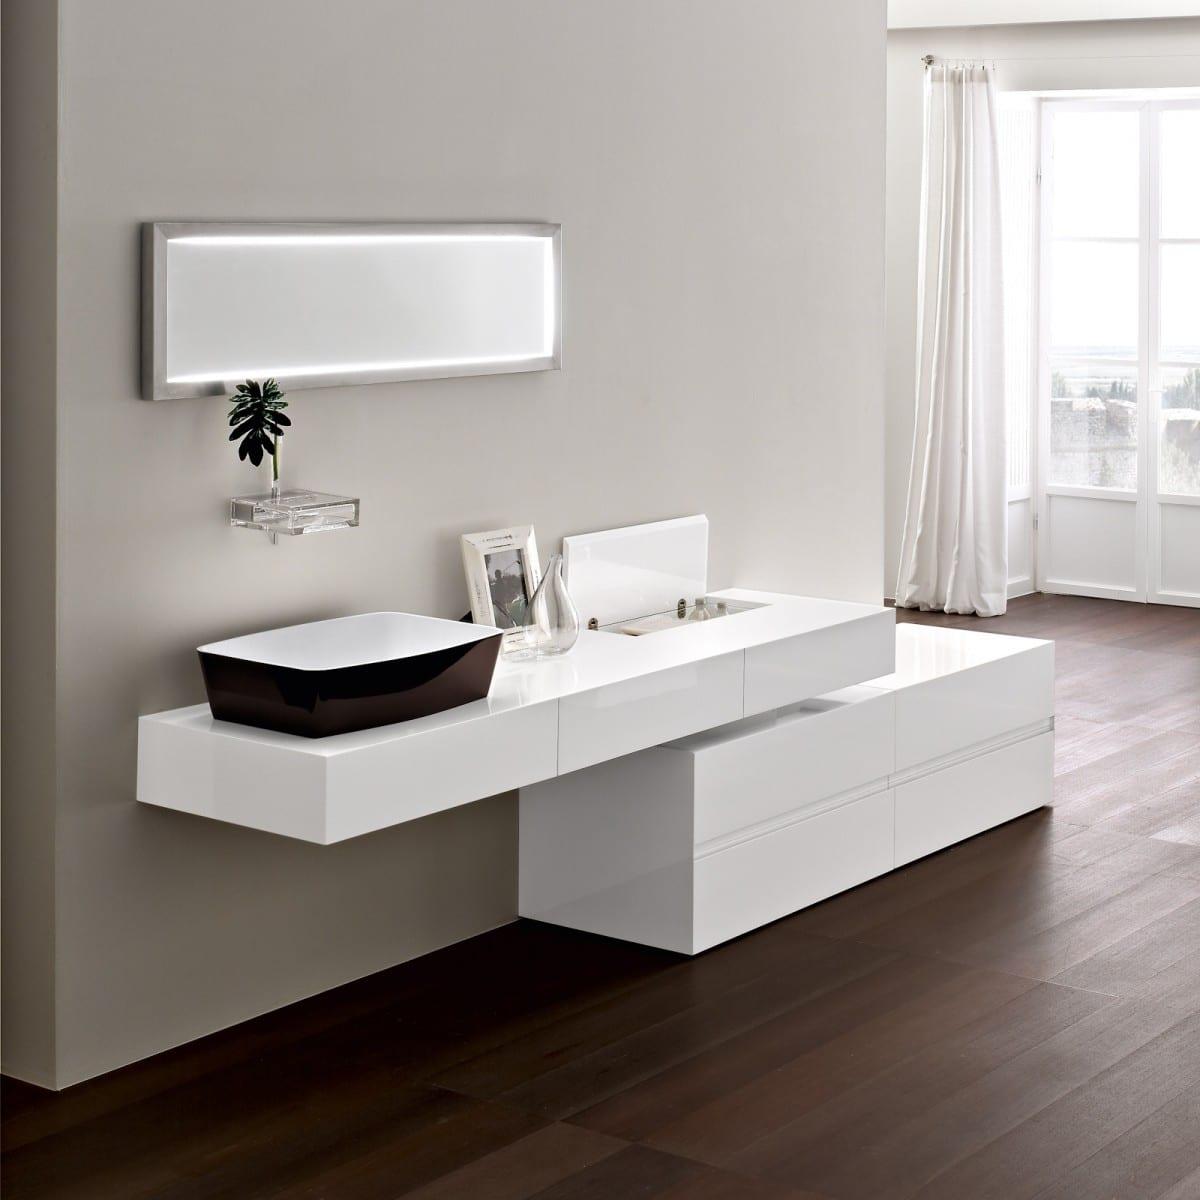 Dise o de cuartos de ba o modernos fotos construye hogar for Ideas para muebles de bano